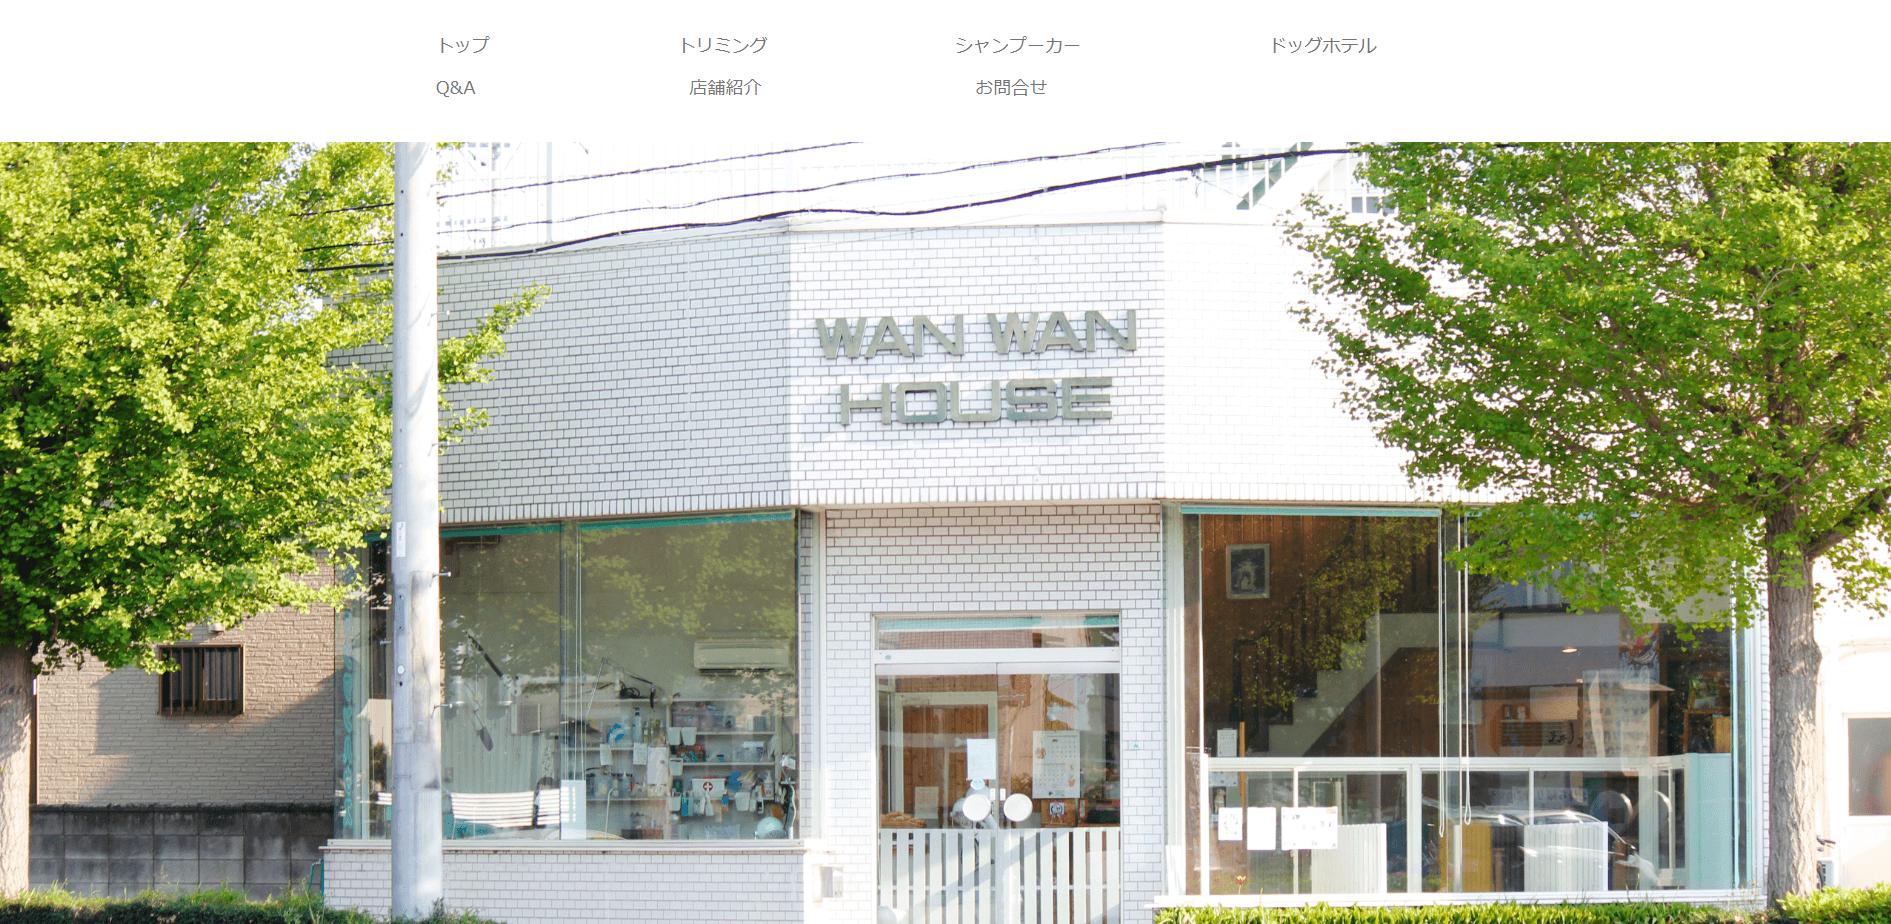 wanwan-house-202007140305_990025697.png